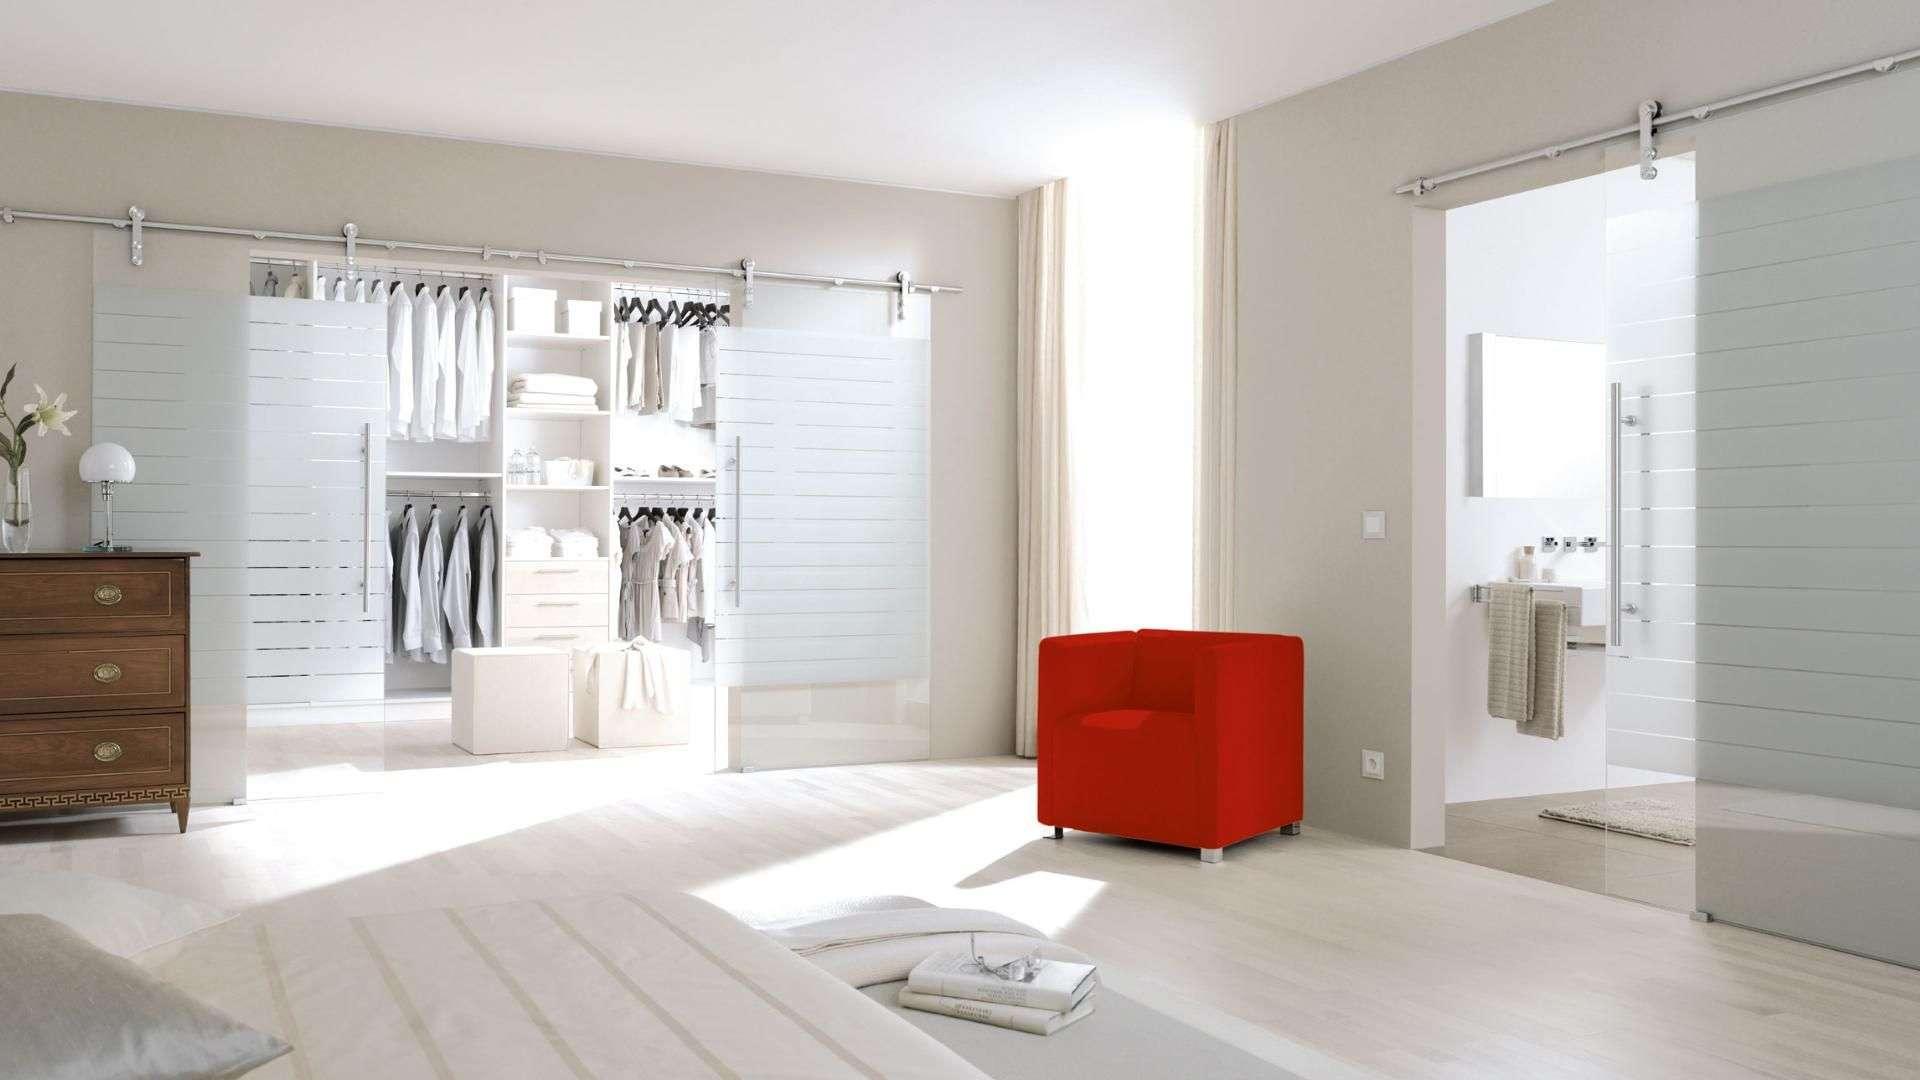 Schiebetüren aus Glas vor Ankleide- und Badezimmer